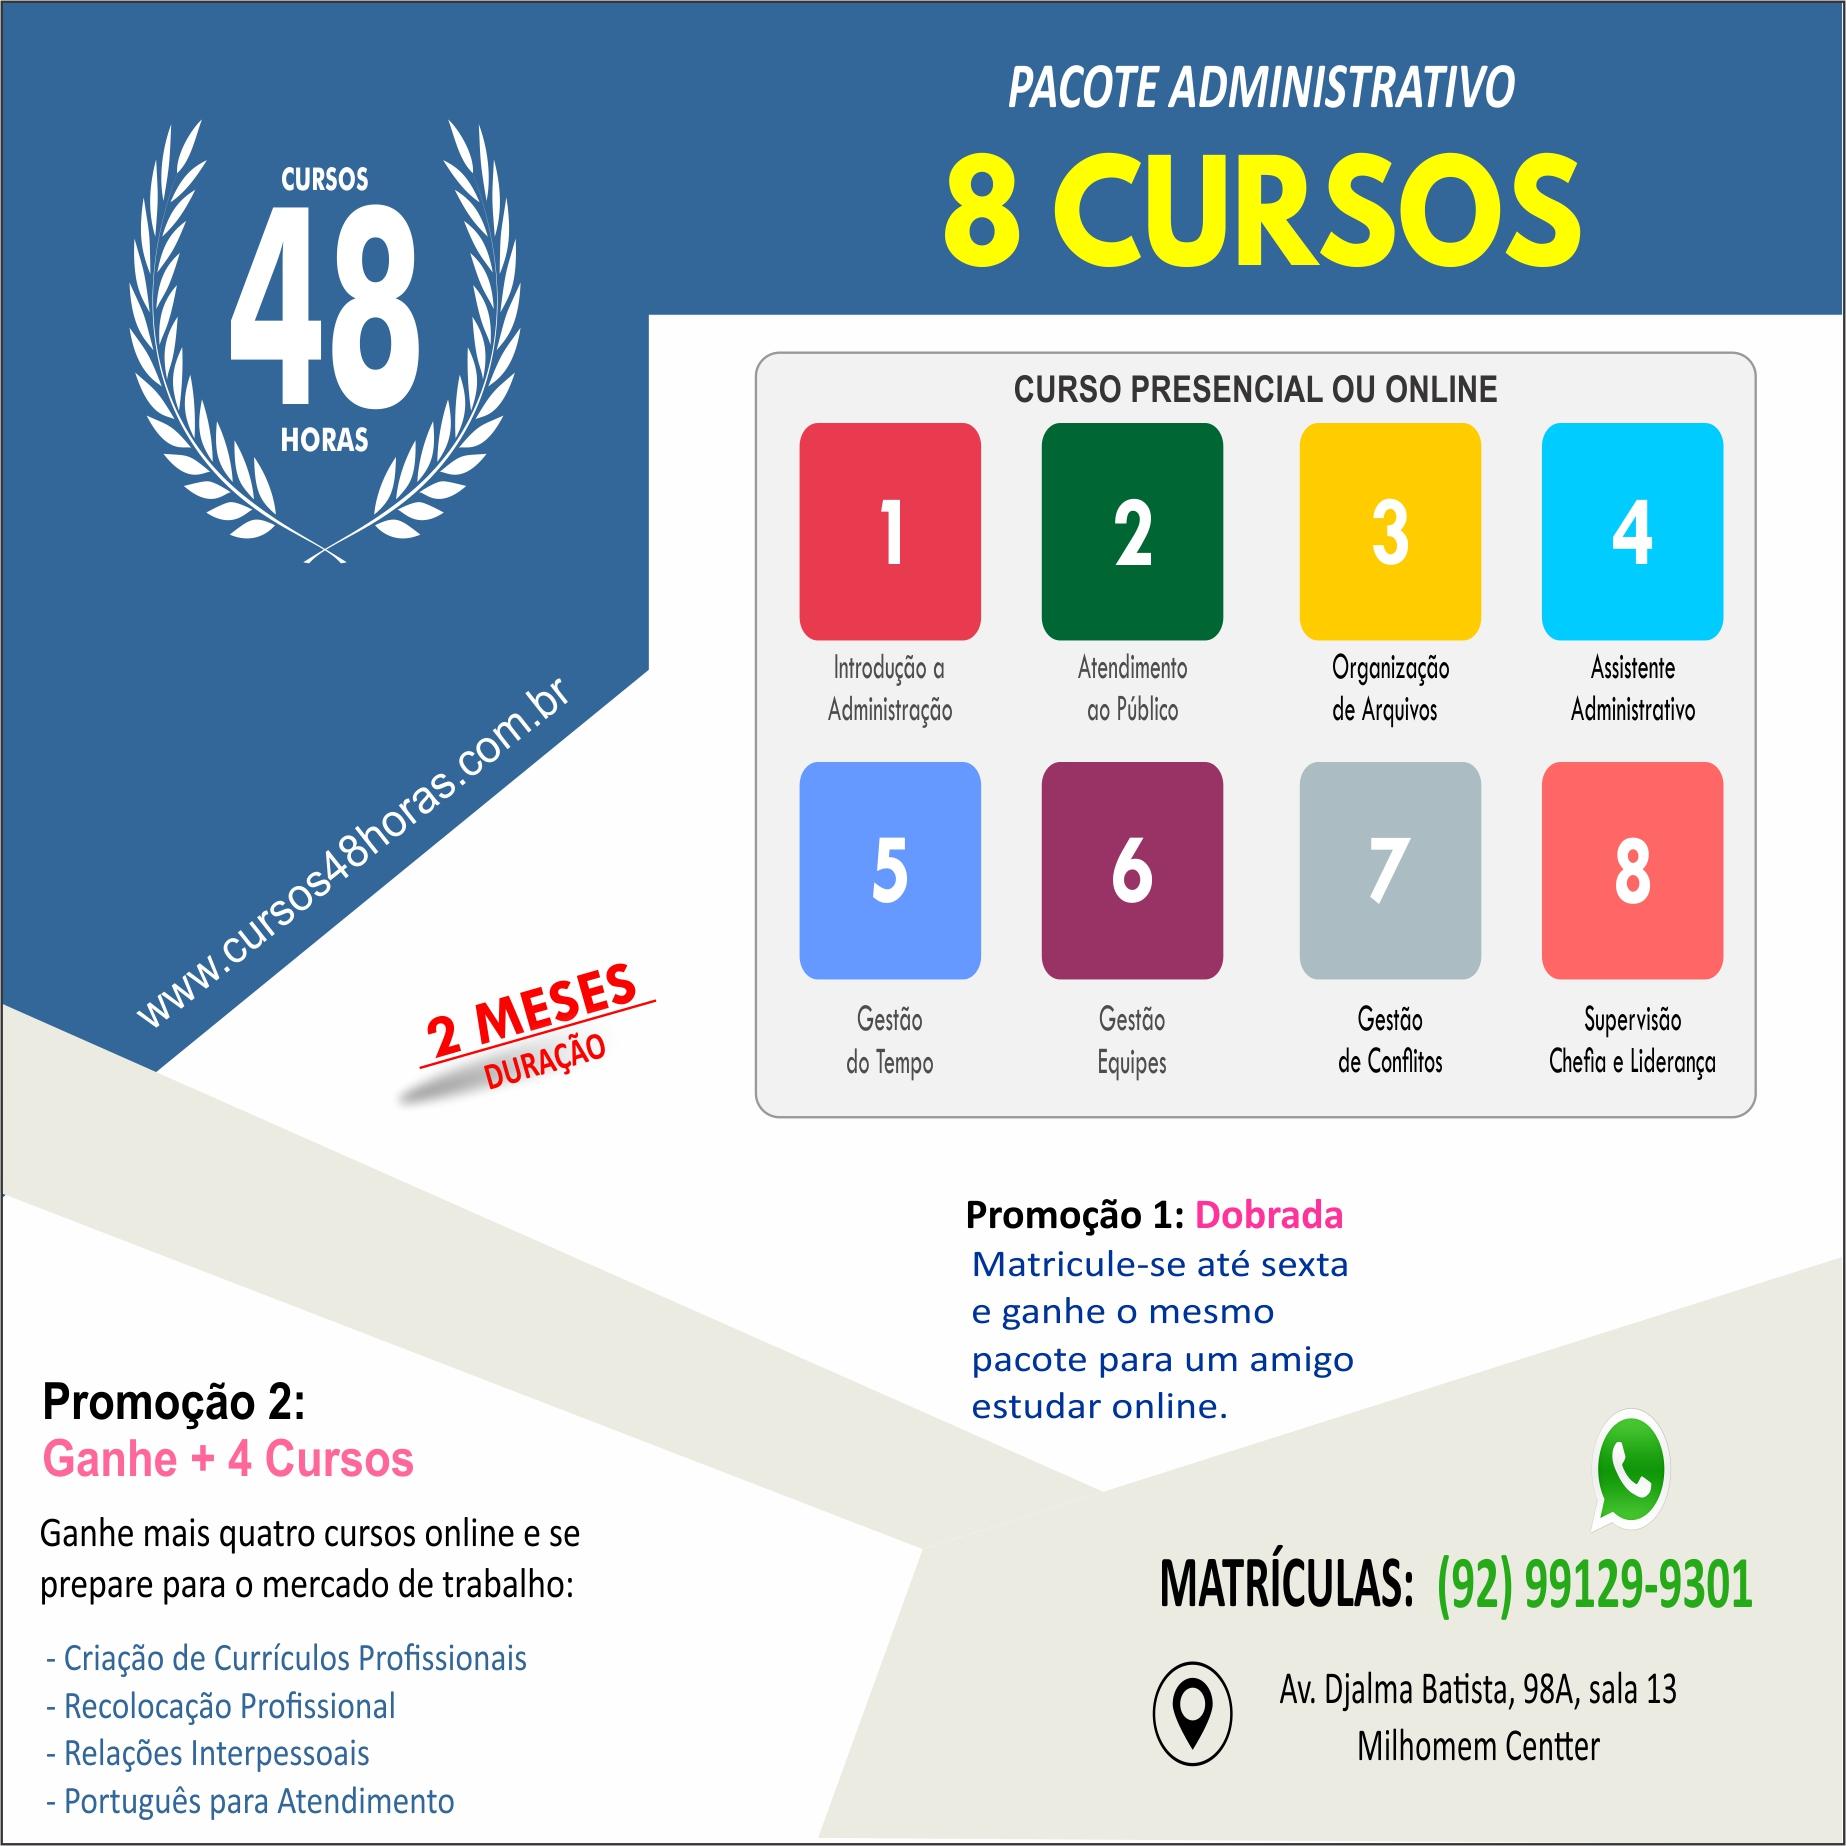 Pacote Administrativo (13 cursos)